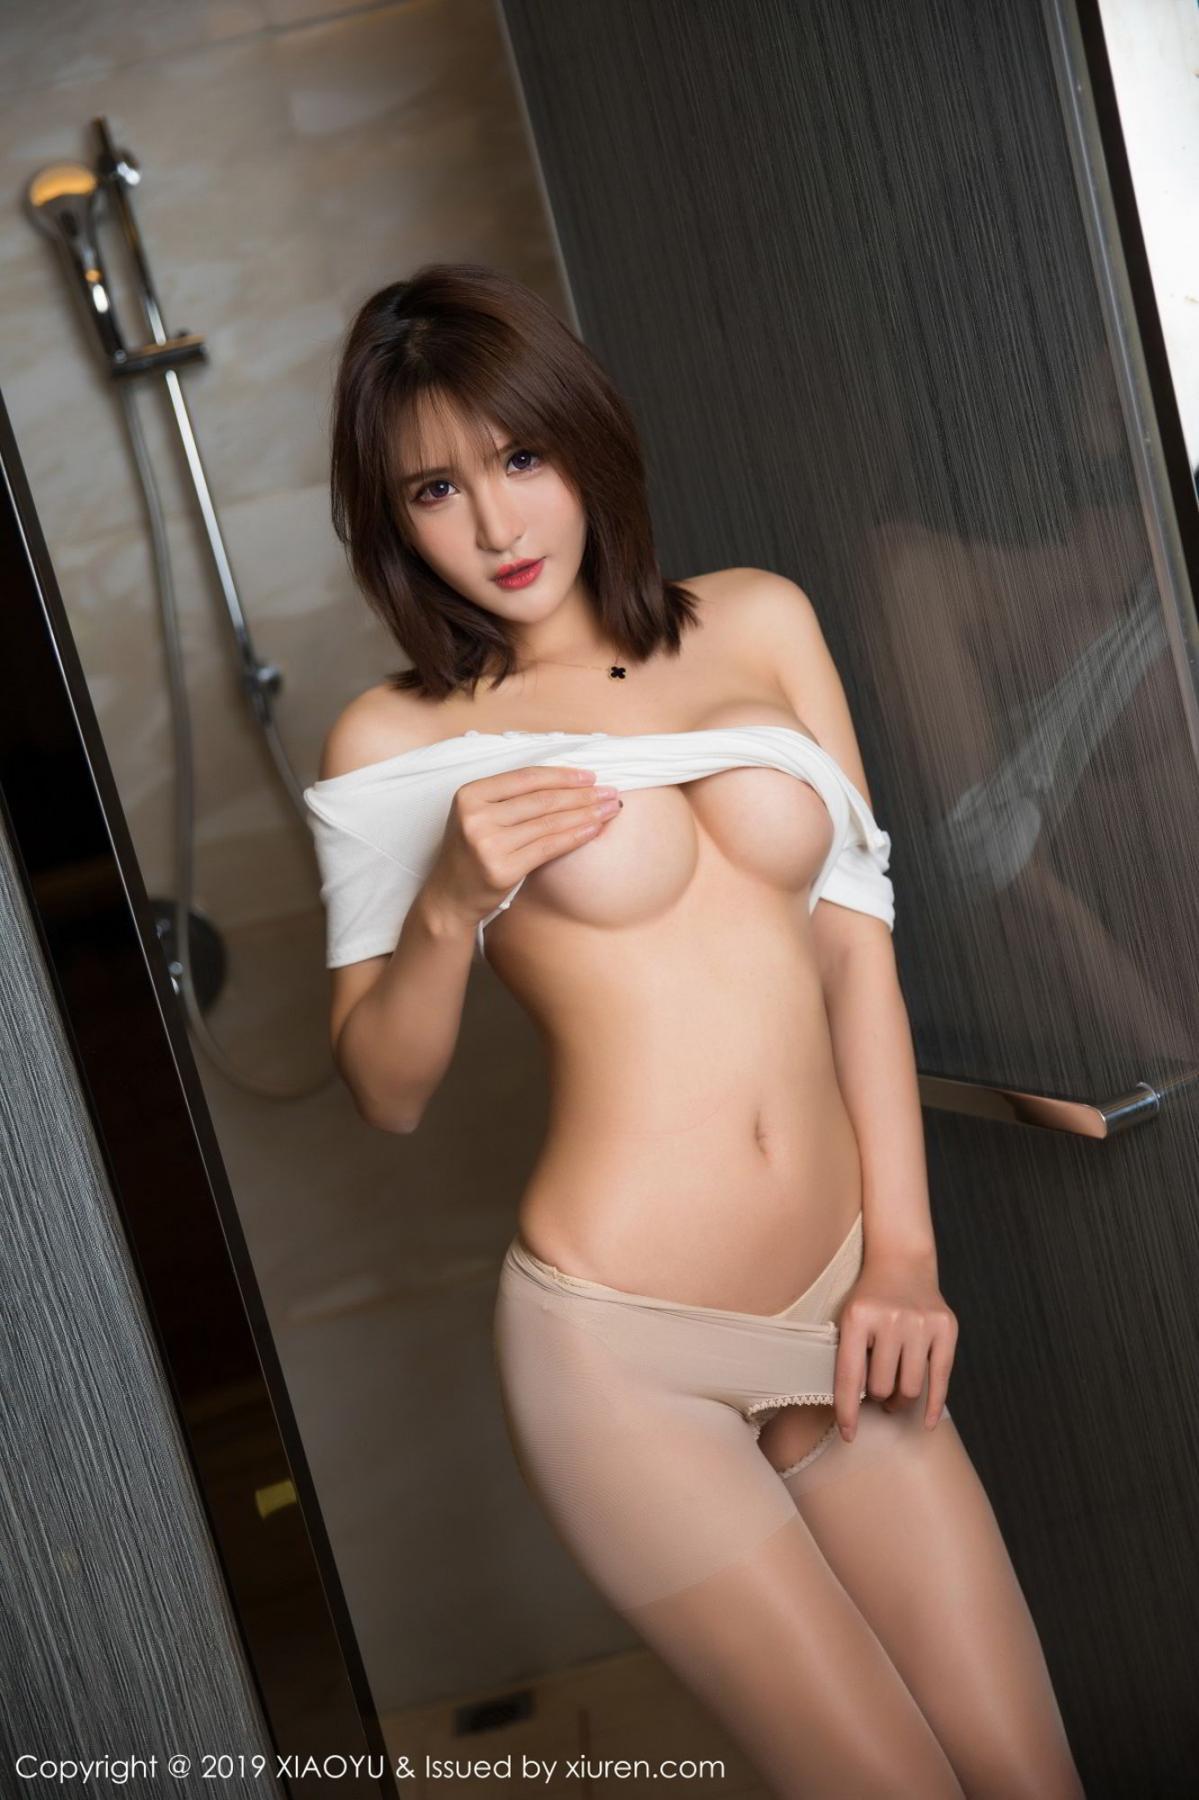 [XiaoYu] Vol.112 Solo Yi Fei 49P, Solo Yi Fei, Underwear, XiaoYu